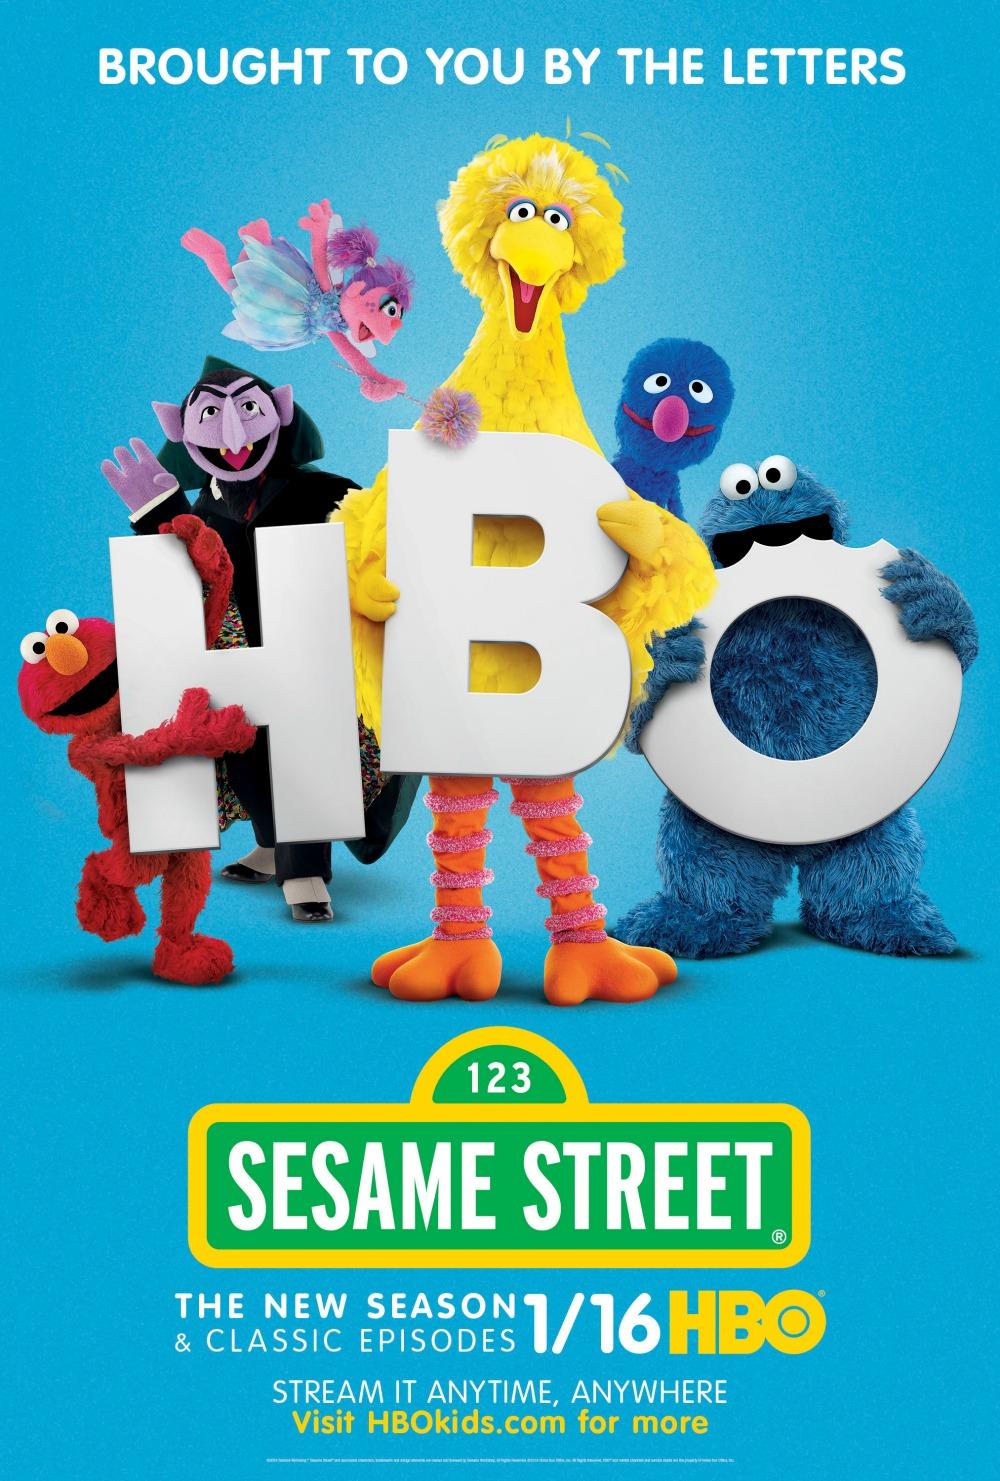 Sesame Street on HBO